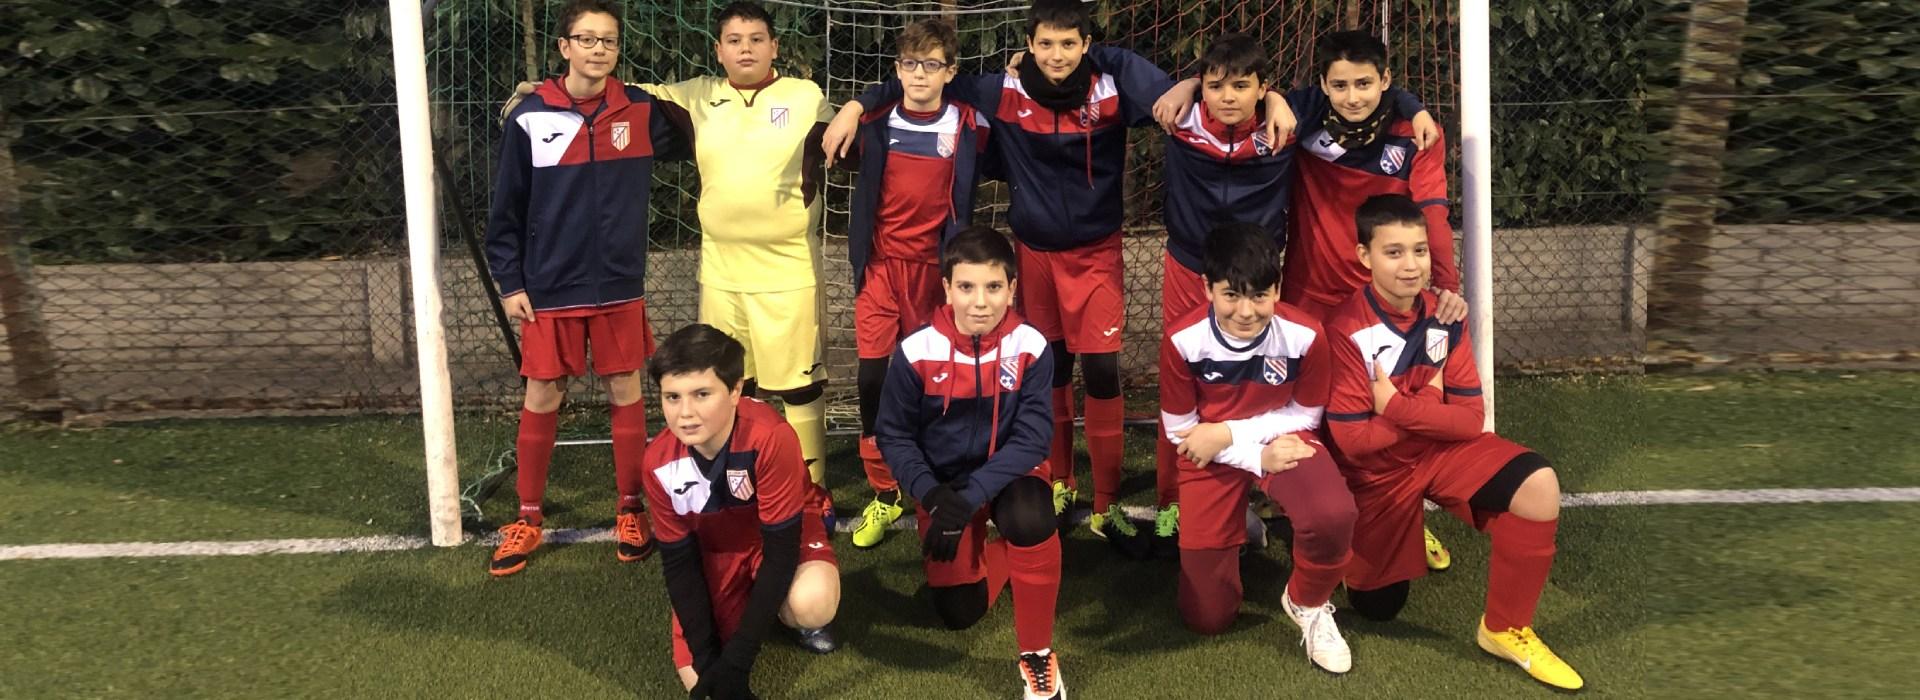 squadra under 13 calcio a 5 roma san gaspare oratorio